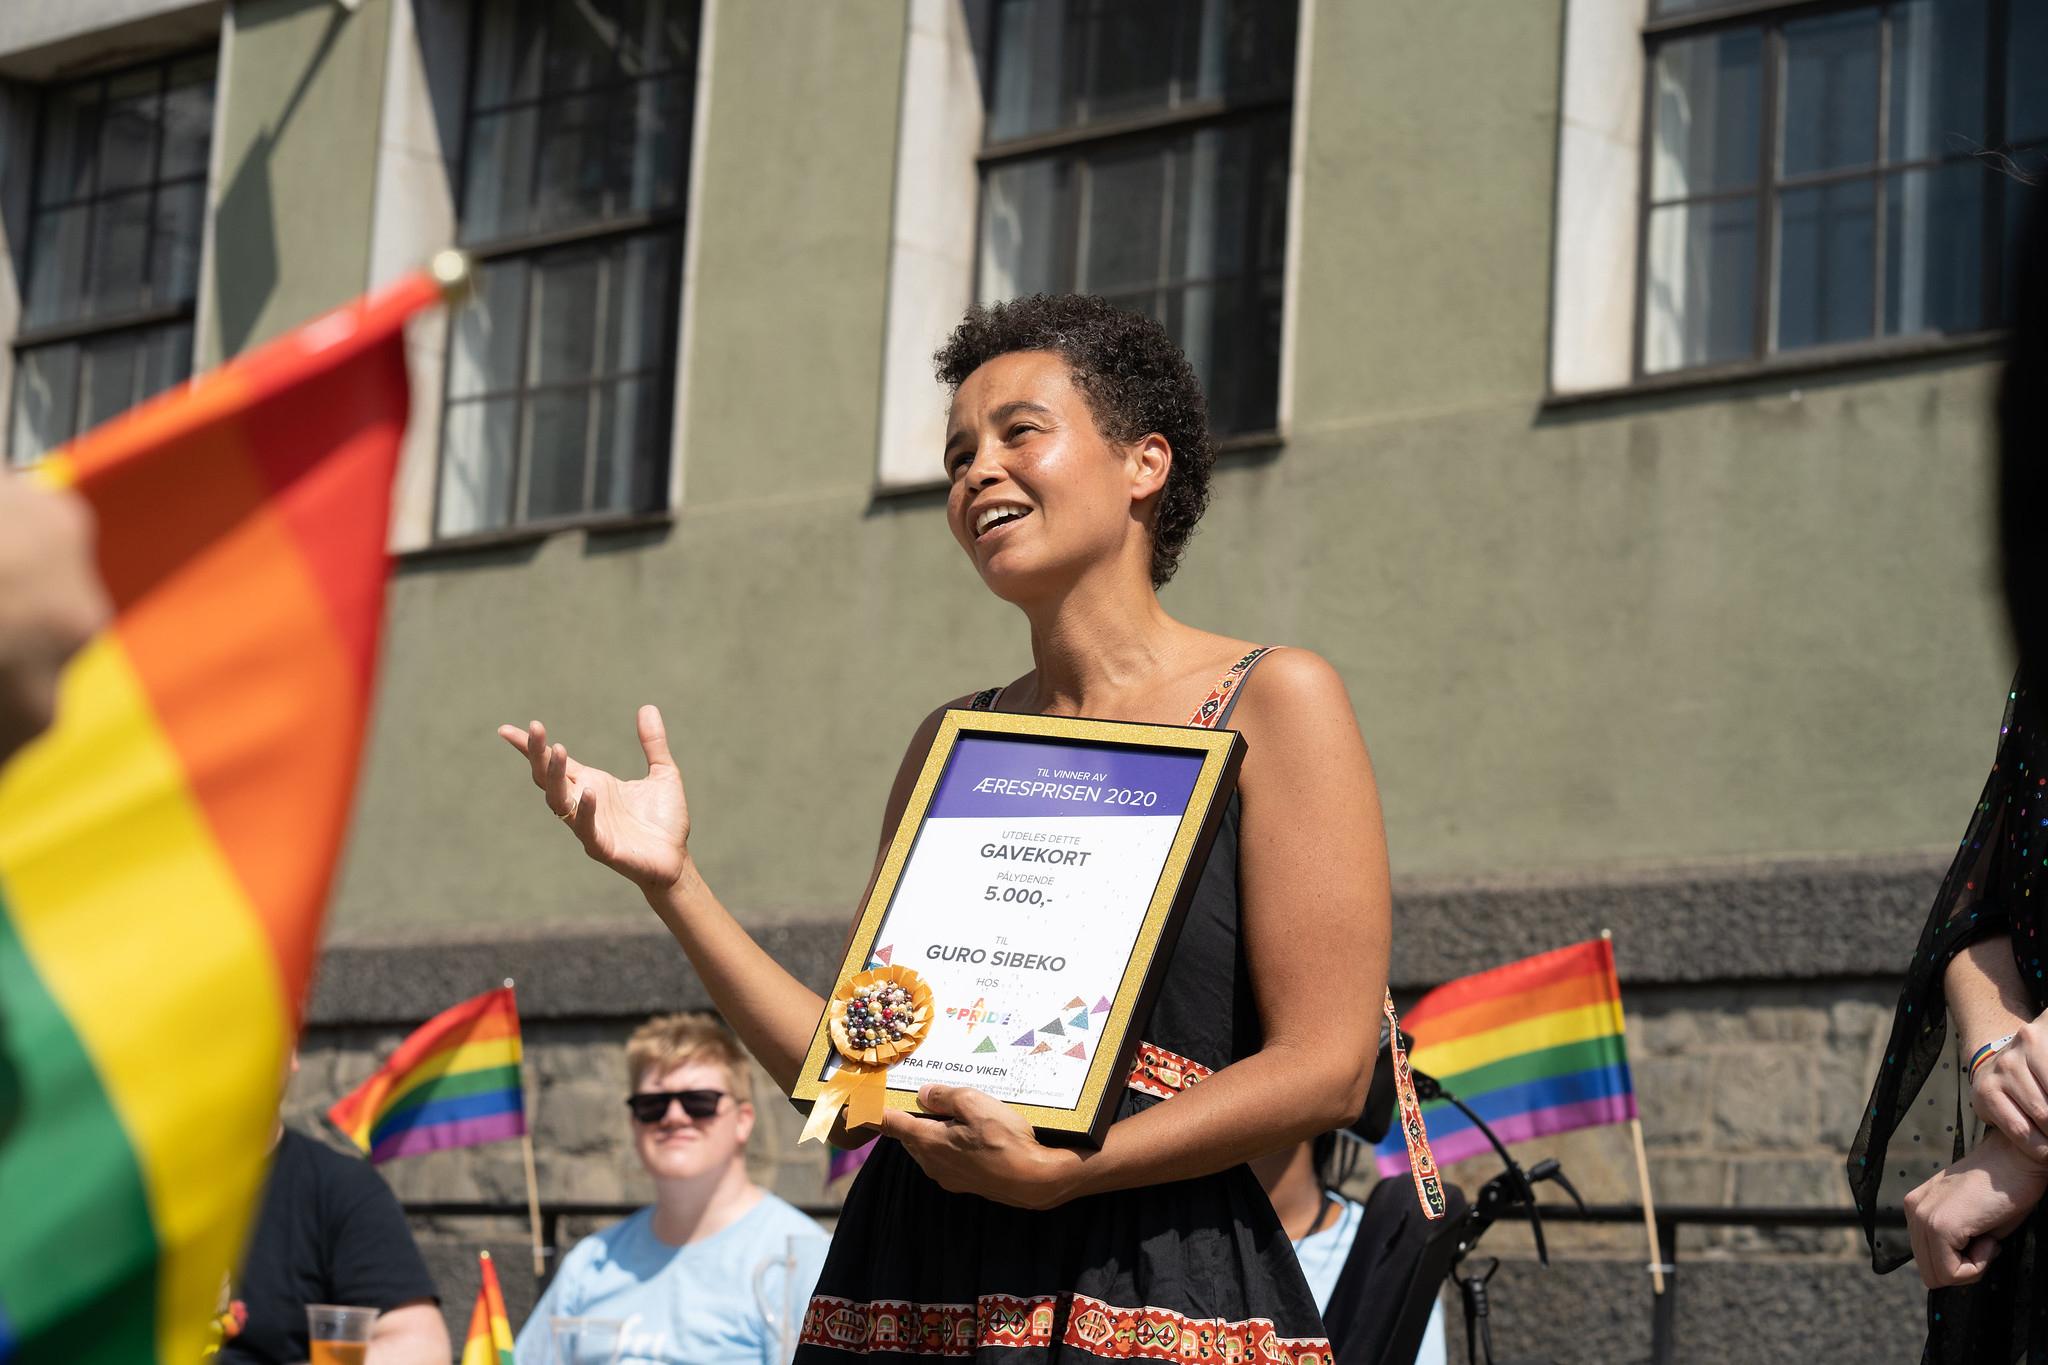 Frydpris 2017 tildelt SKAM under Oslo Pride - her er juryen og fornøyde prisvinnere. Foto: Petter Ruud-Johansen / FRI OA.